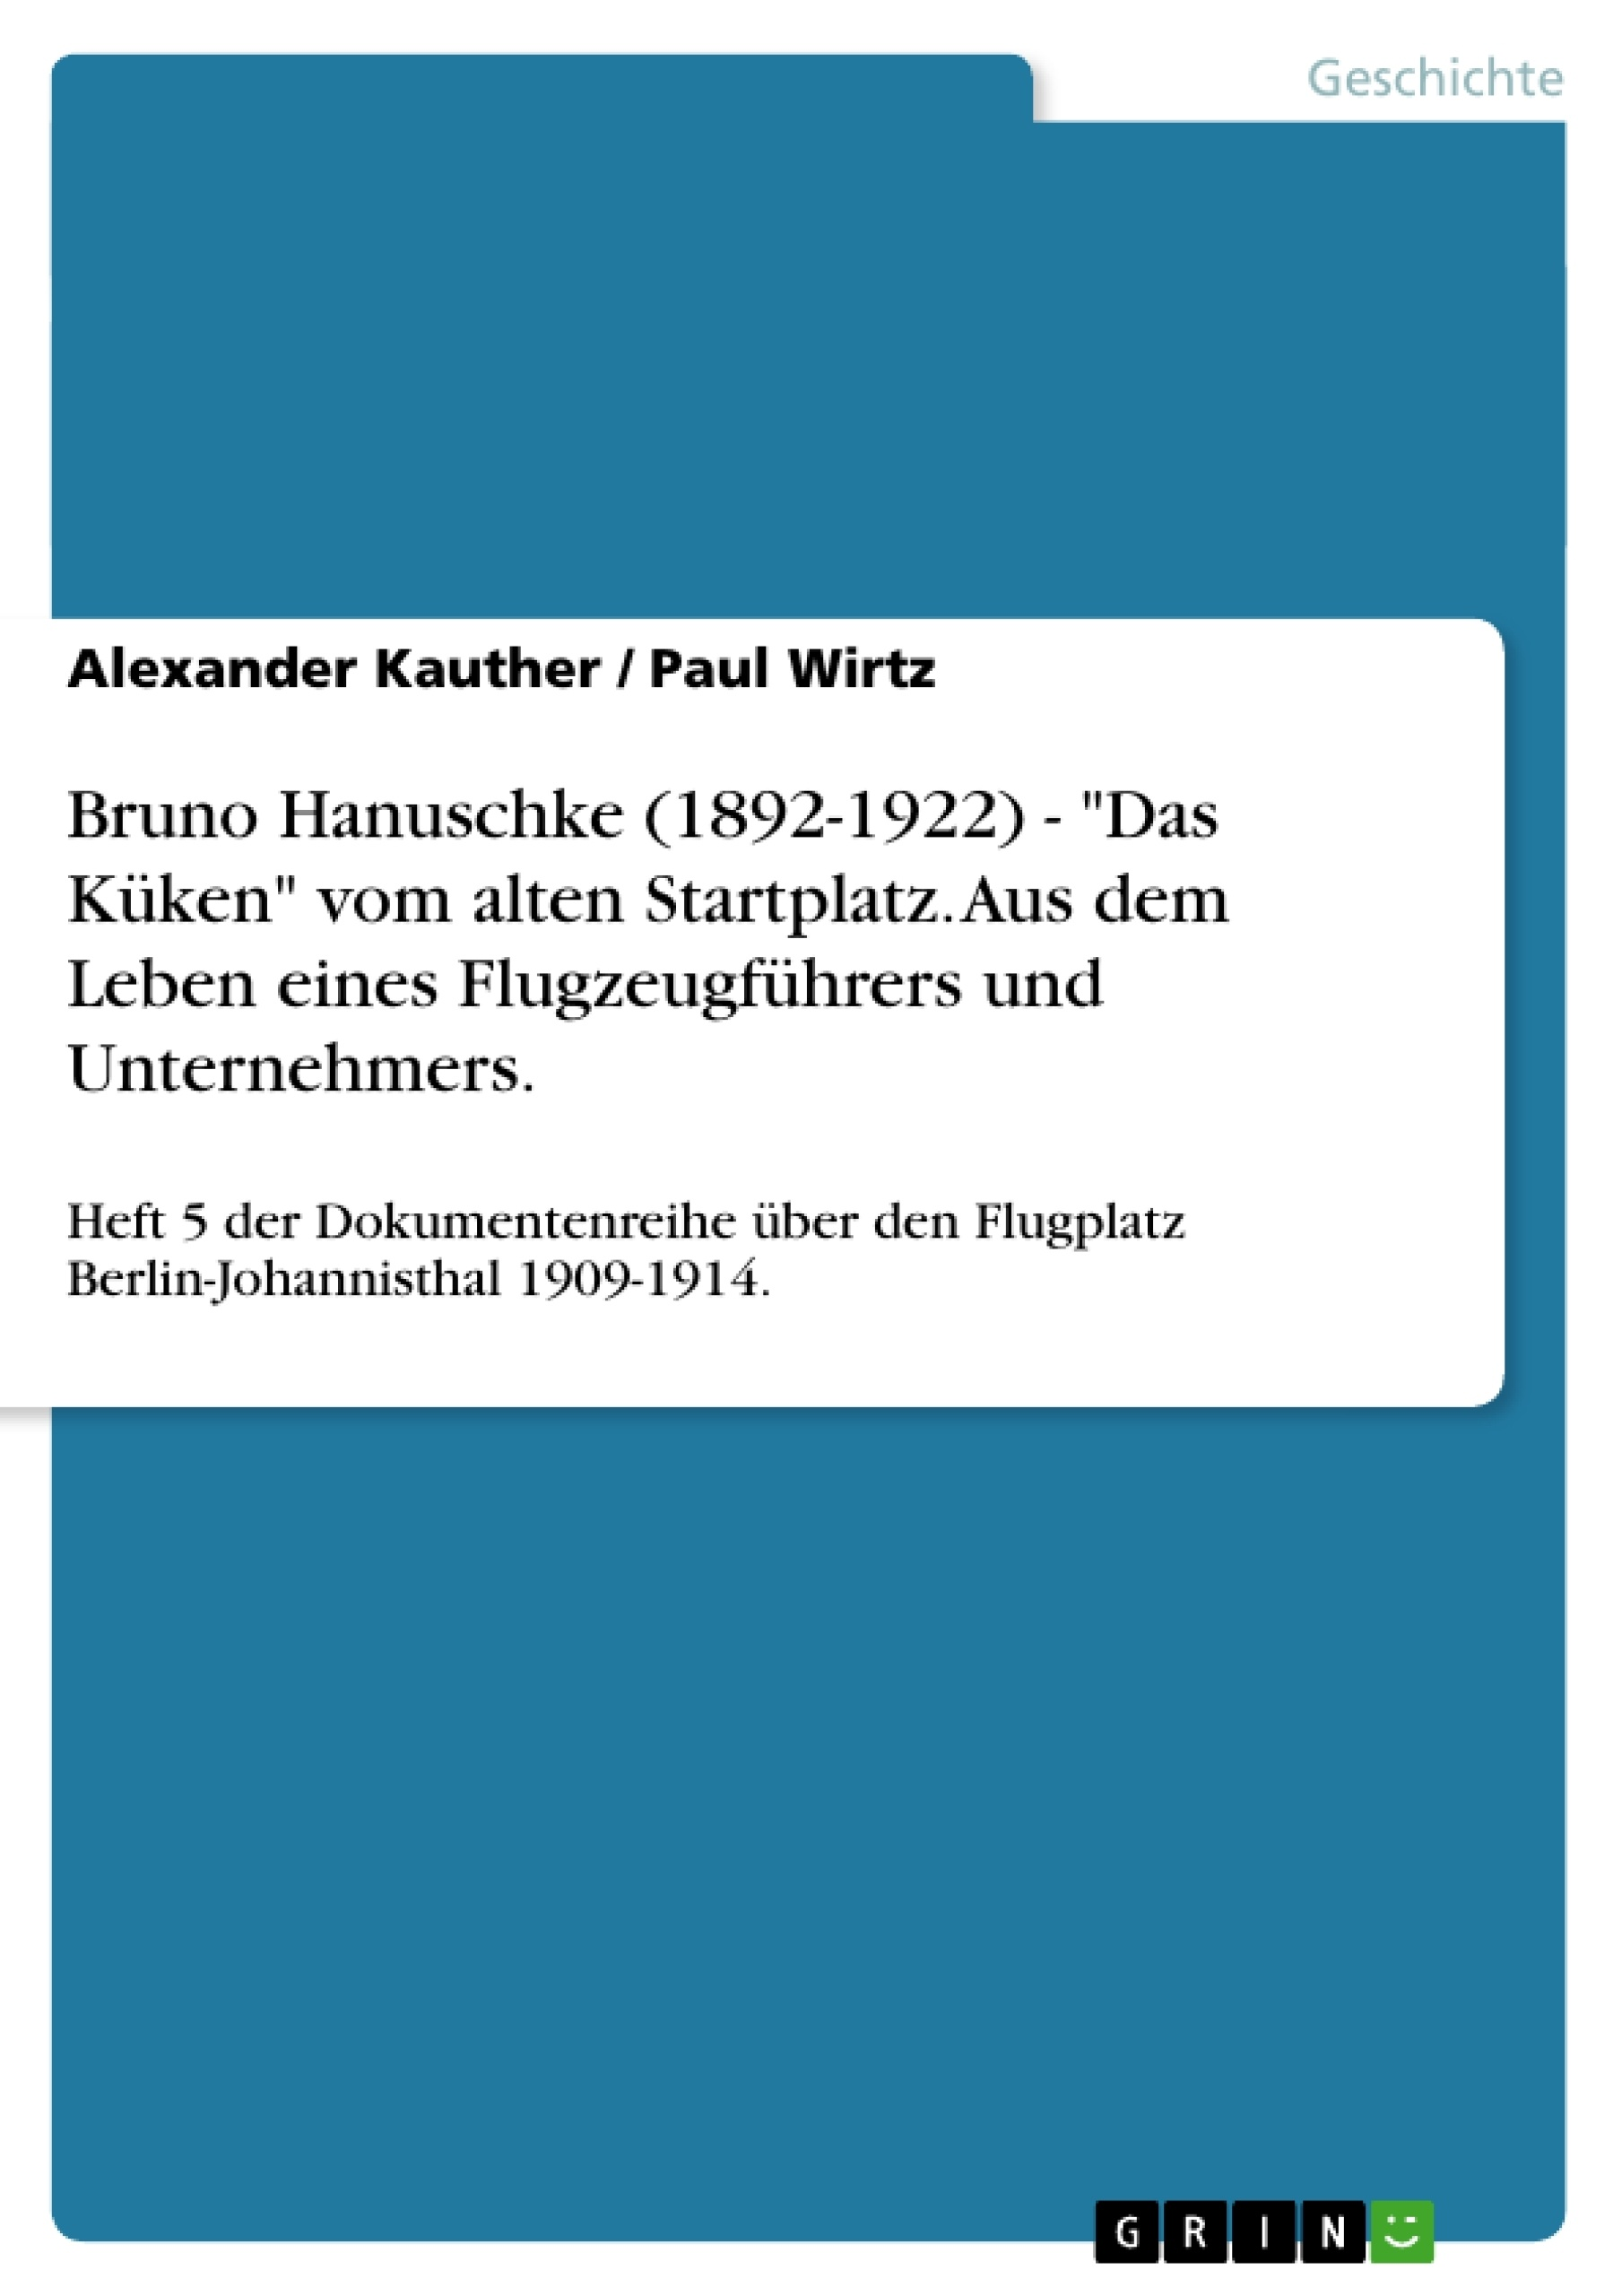 """Titel: Bruno Hanuschke (1892-1922) - """"Das Küken"""" vom alten Startplatz. Aus dem Leben eines Flugzeugführers und Unternehmers."""